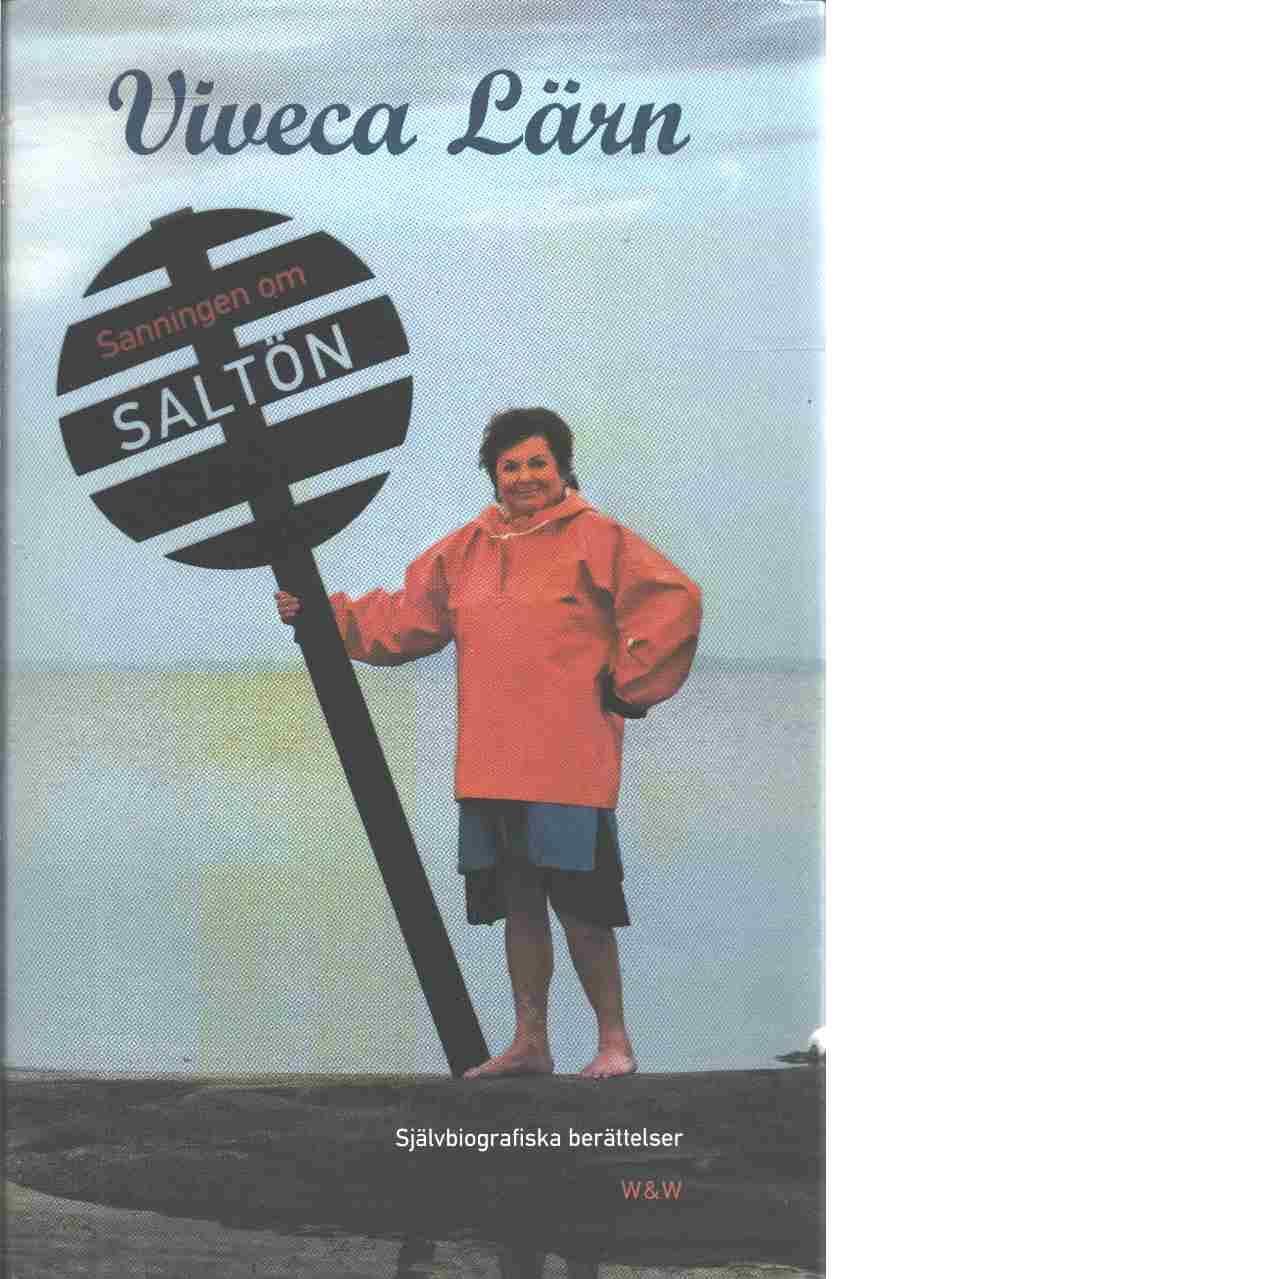 Sanningen om Saltön - Lärn, Viveca